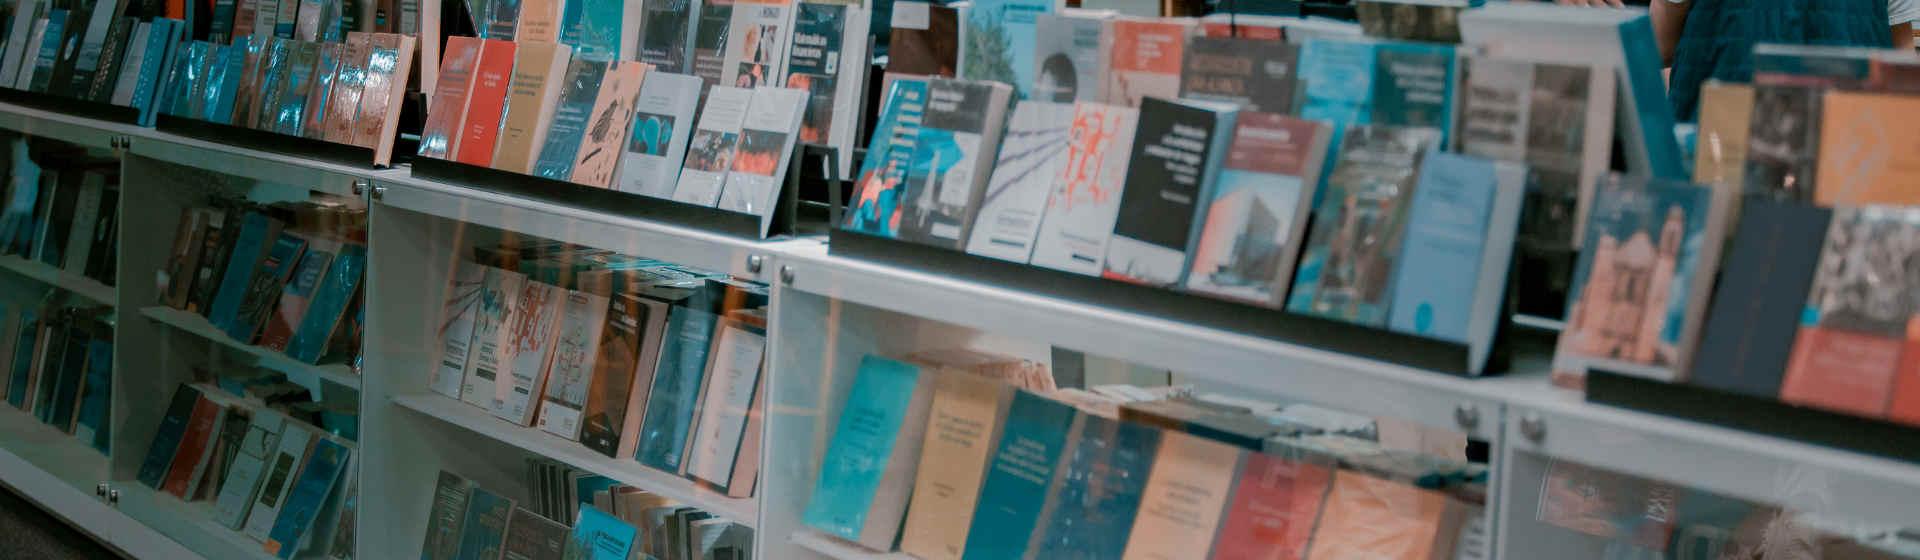 Una estantería llena de libros que se consiguen en la editorial uniandina